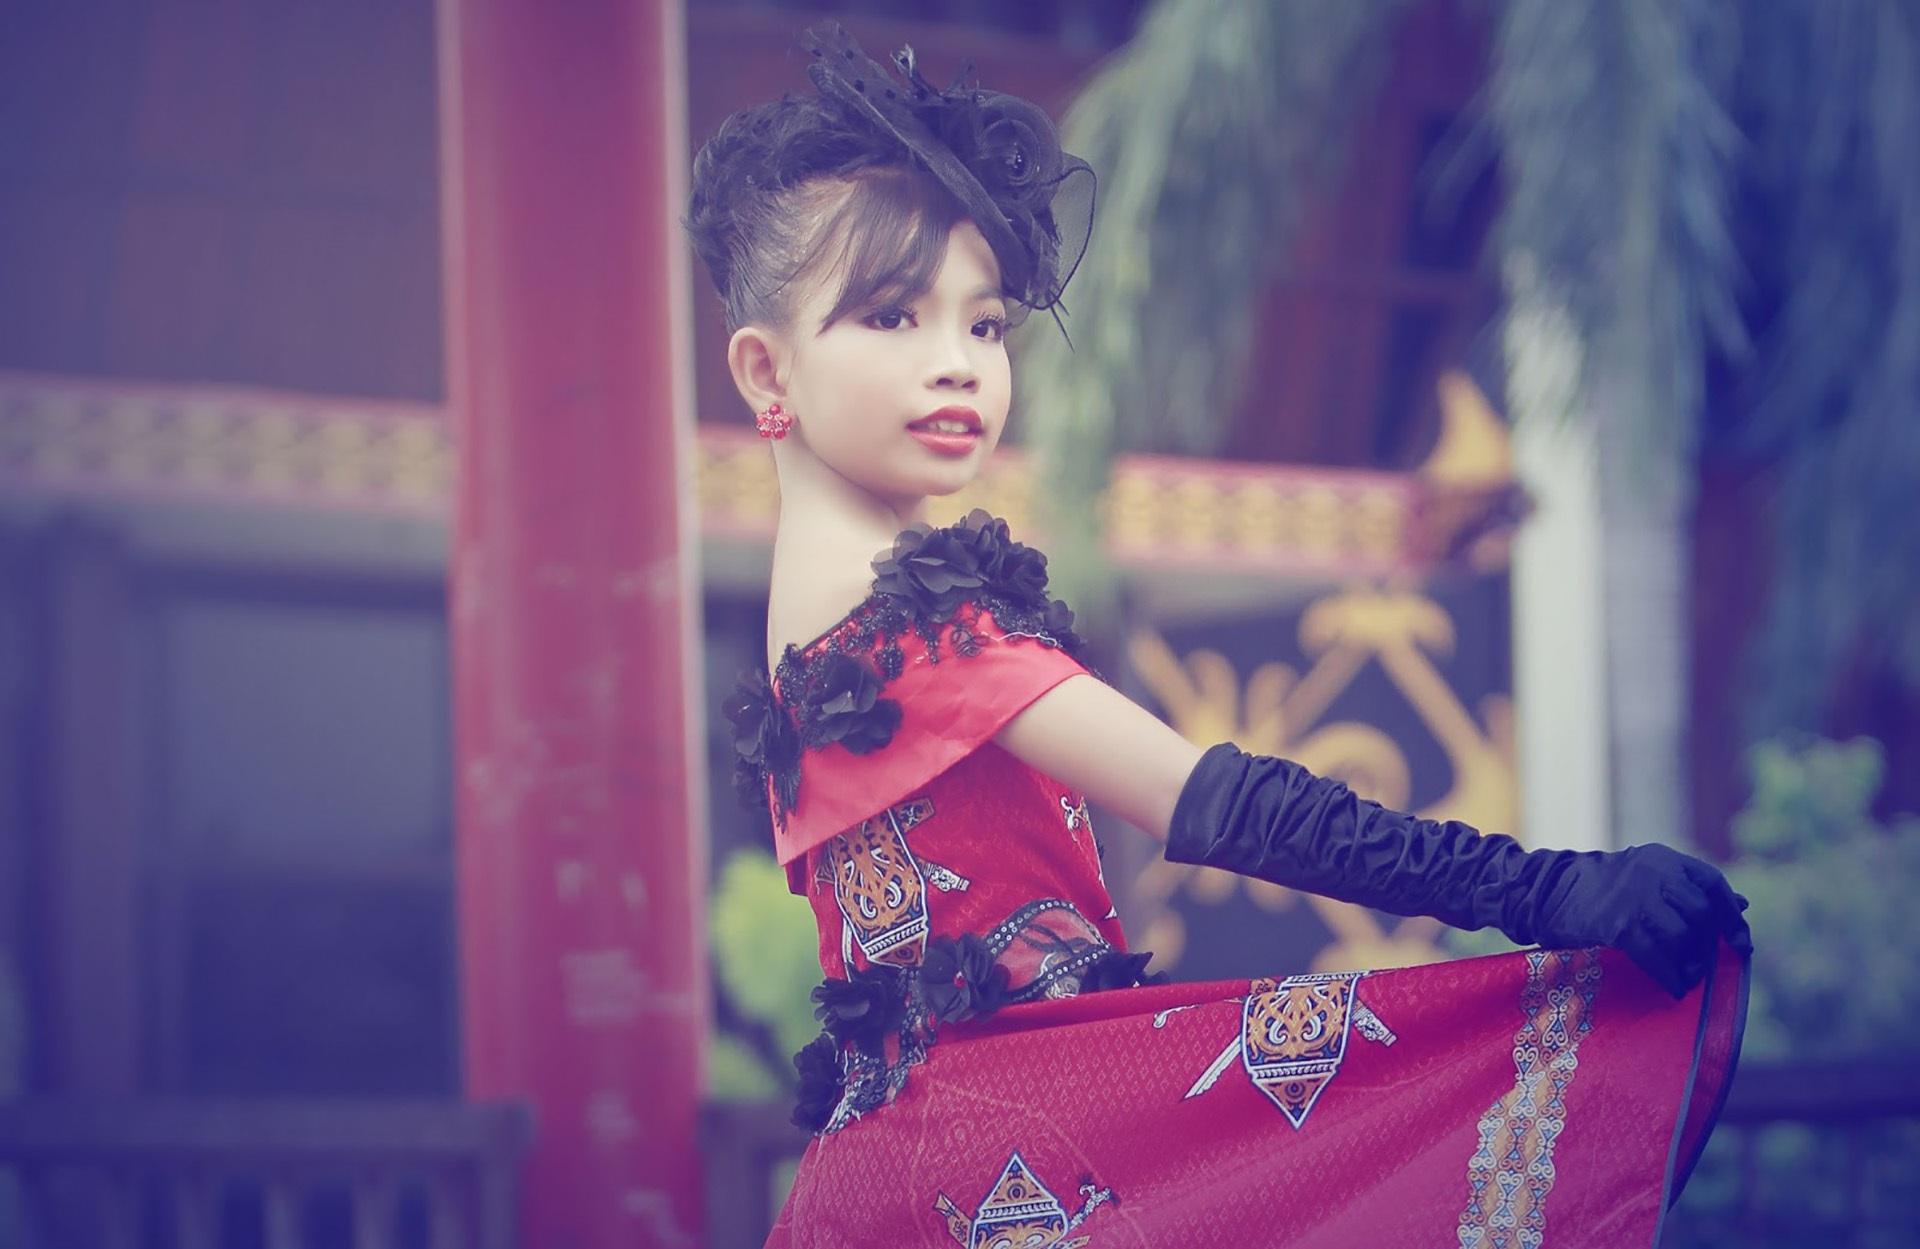 Fotos gratis : niña, fotografía, asiático, modelo, niño, sombrero ...